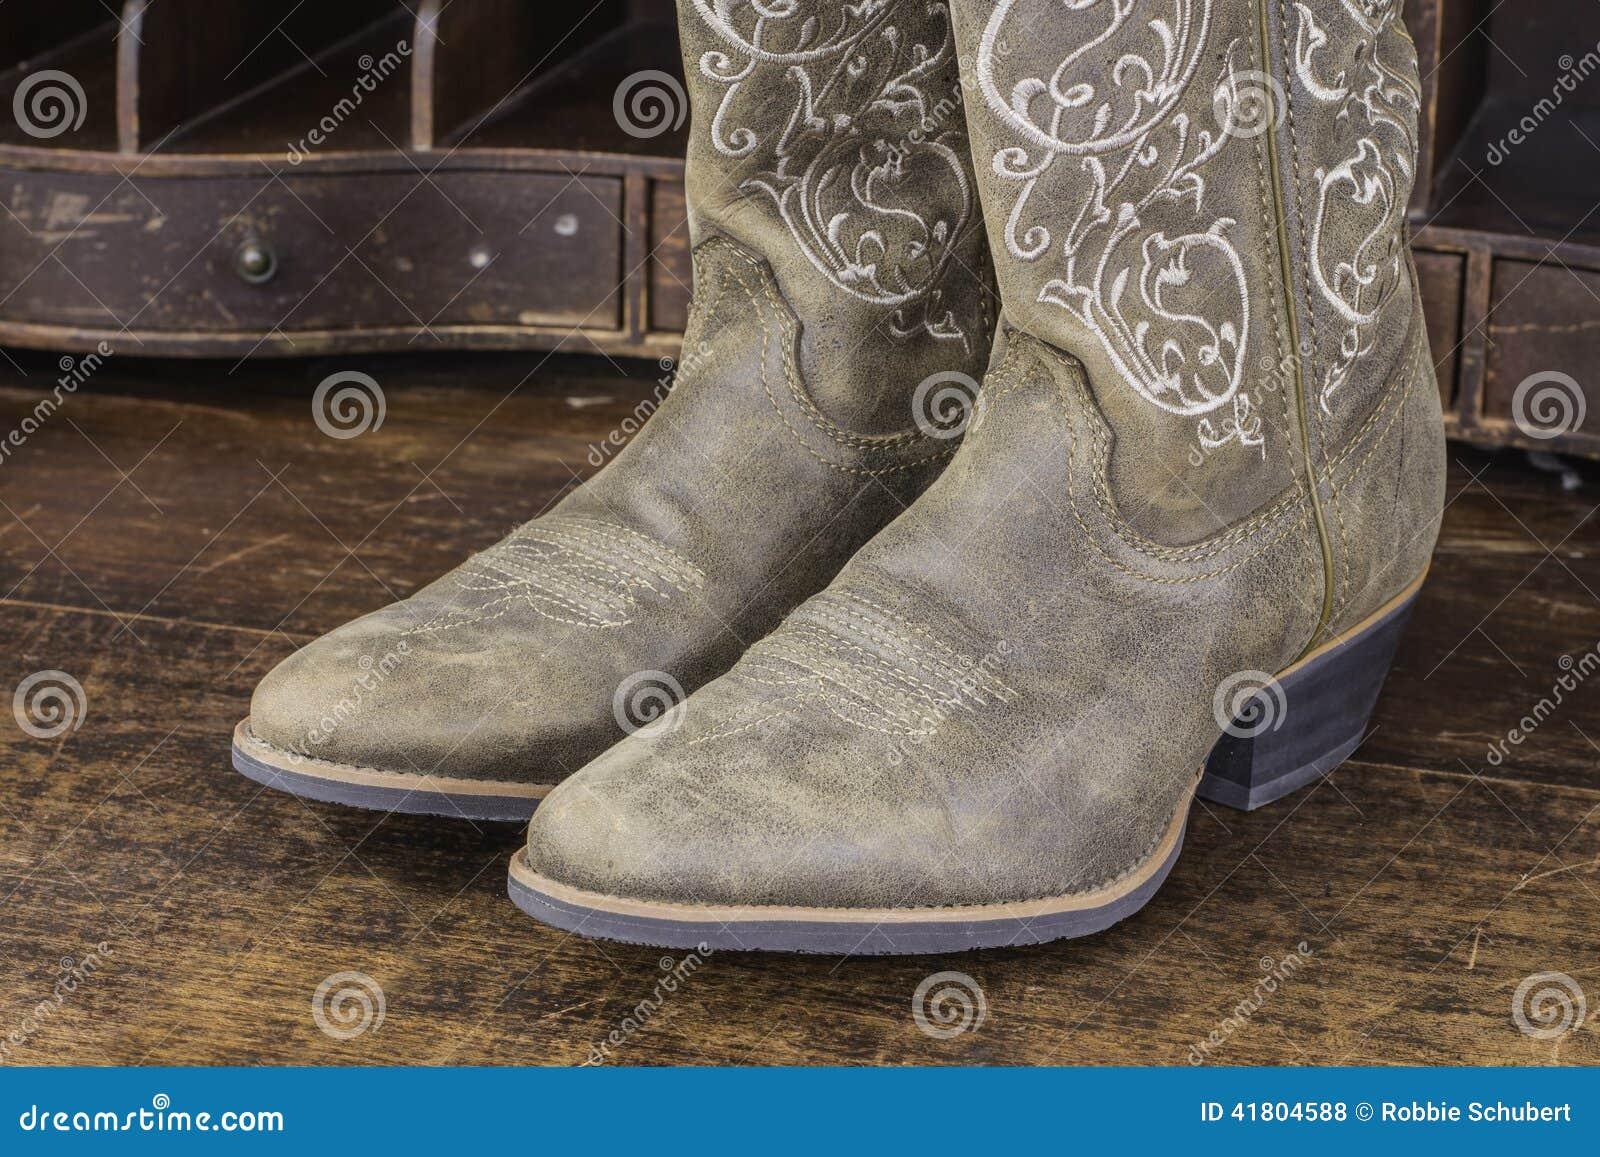 Cowboy Von Damen StockfotoBild TraditionellLeder Boots K1lFcJ